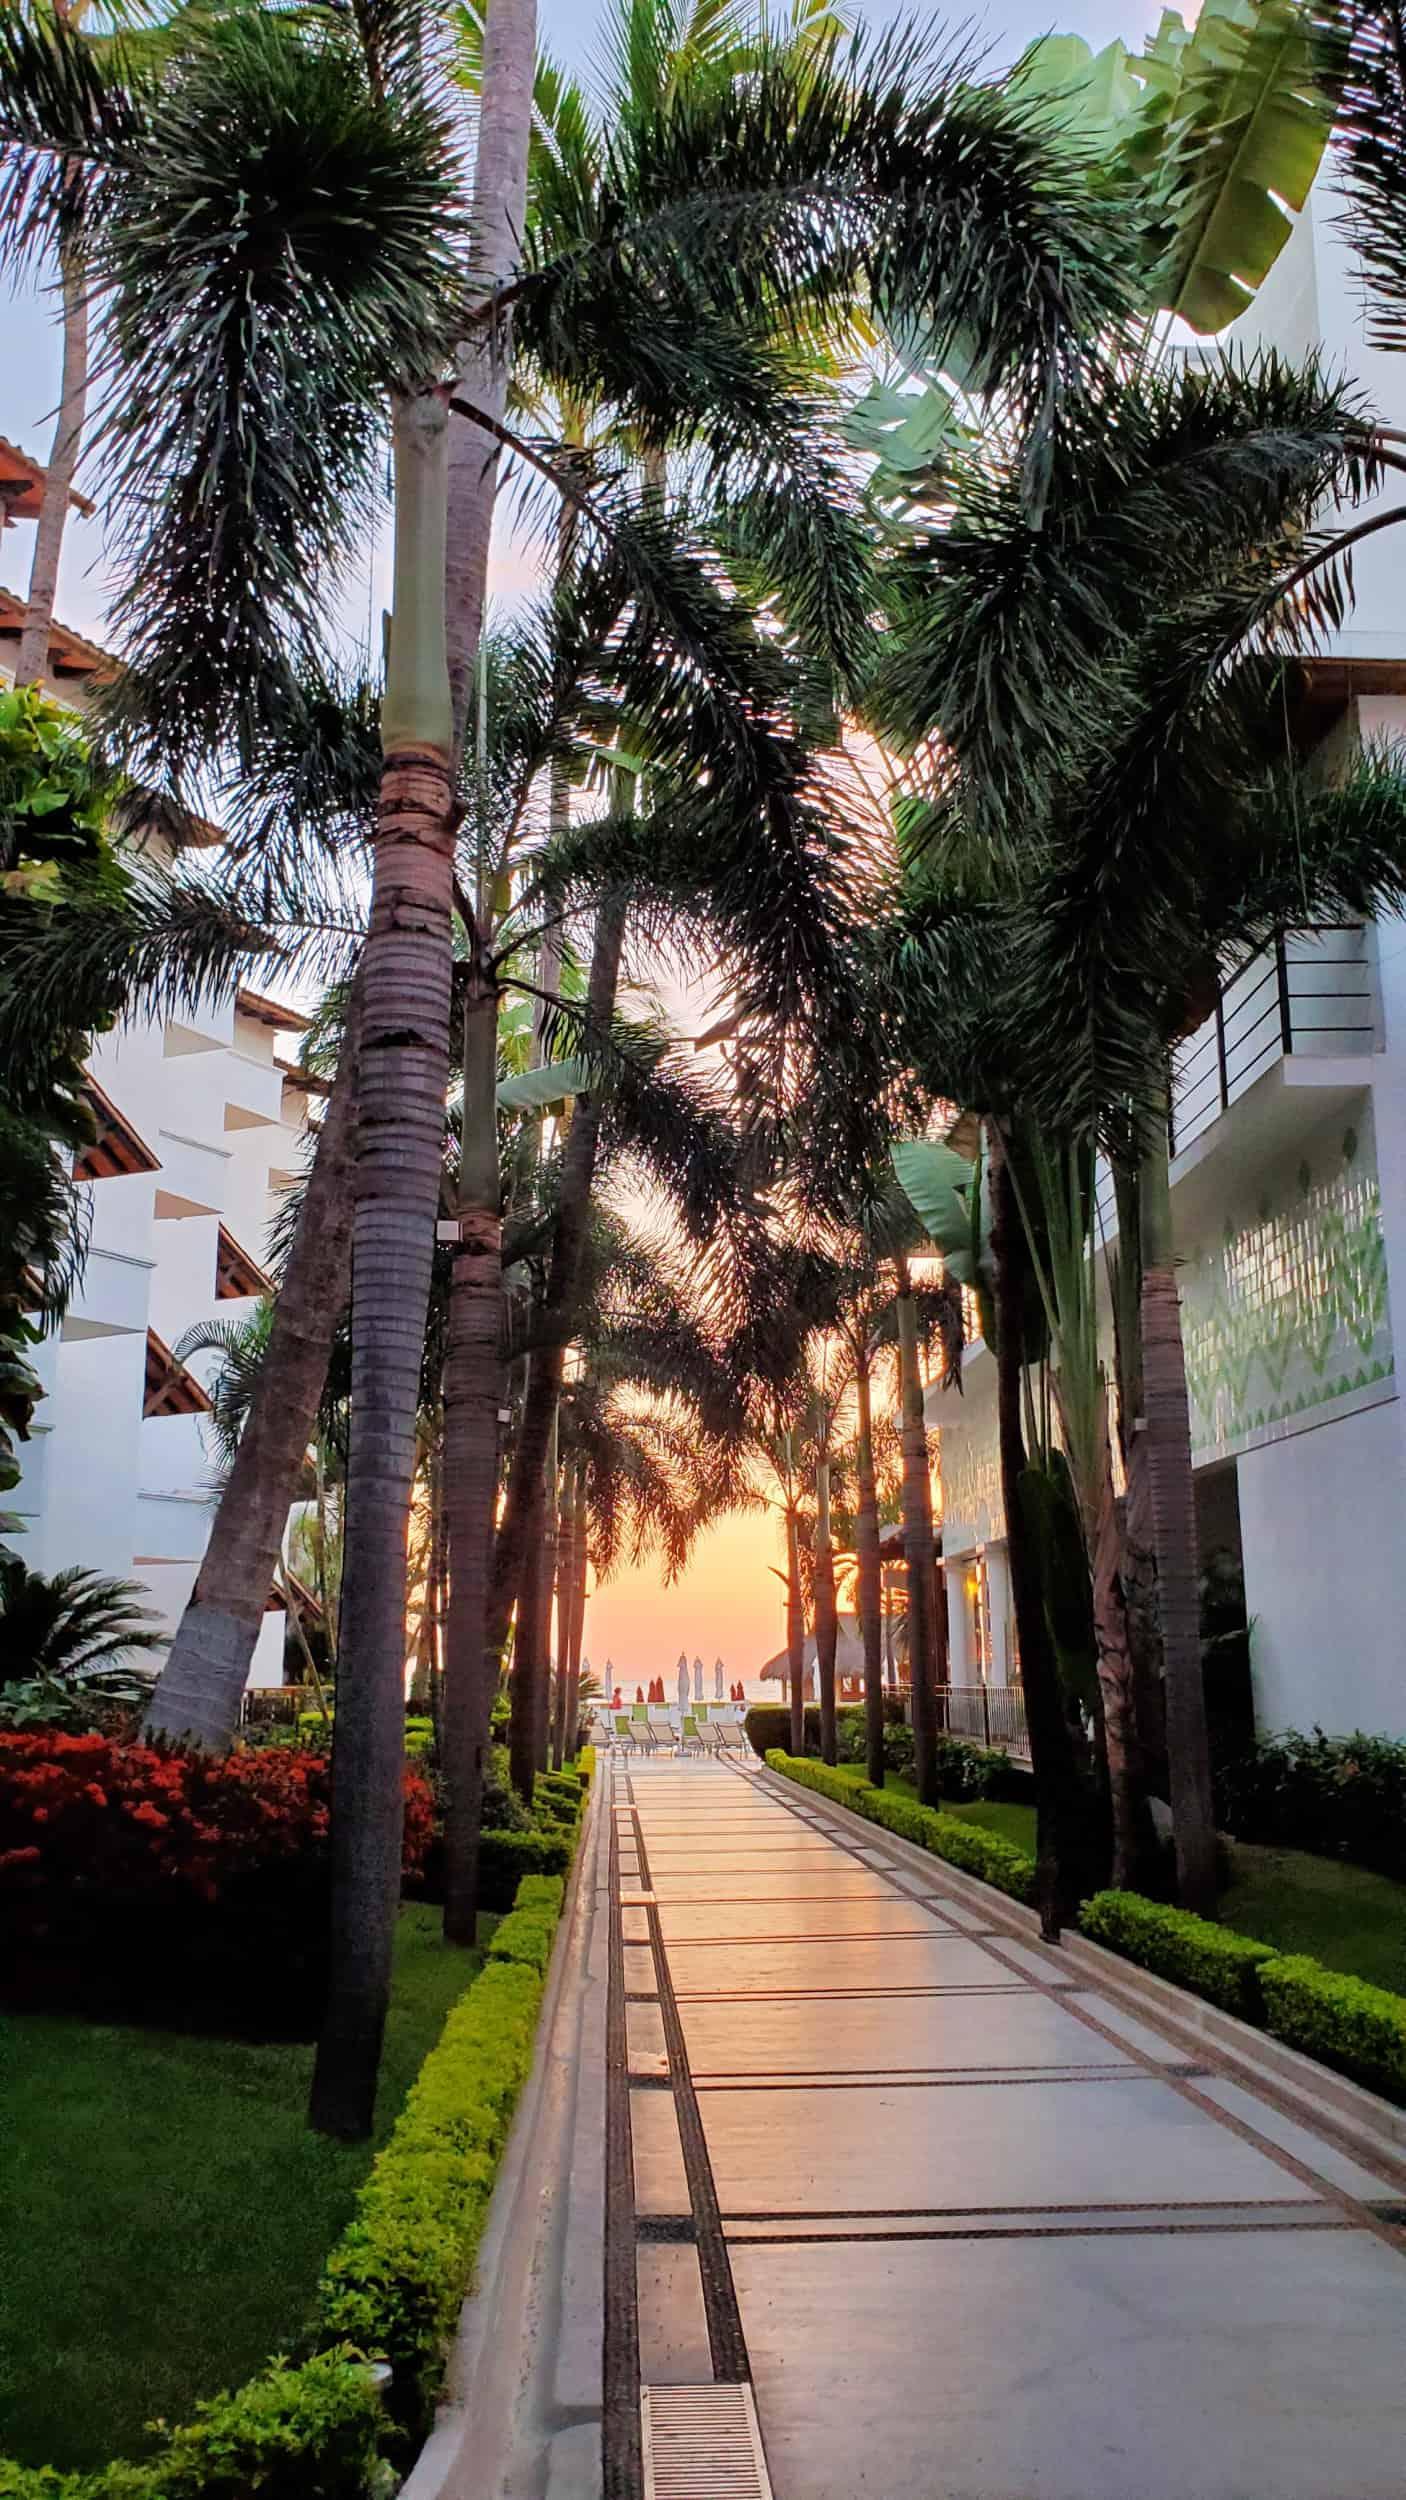 Sunset at the Buenaventura Grand Resort in Puerto Vallarta